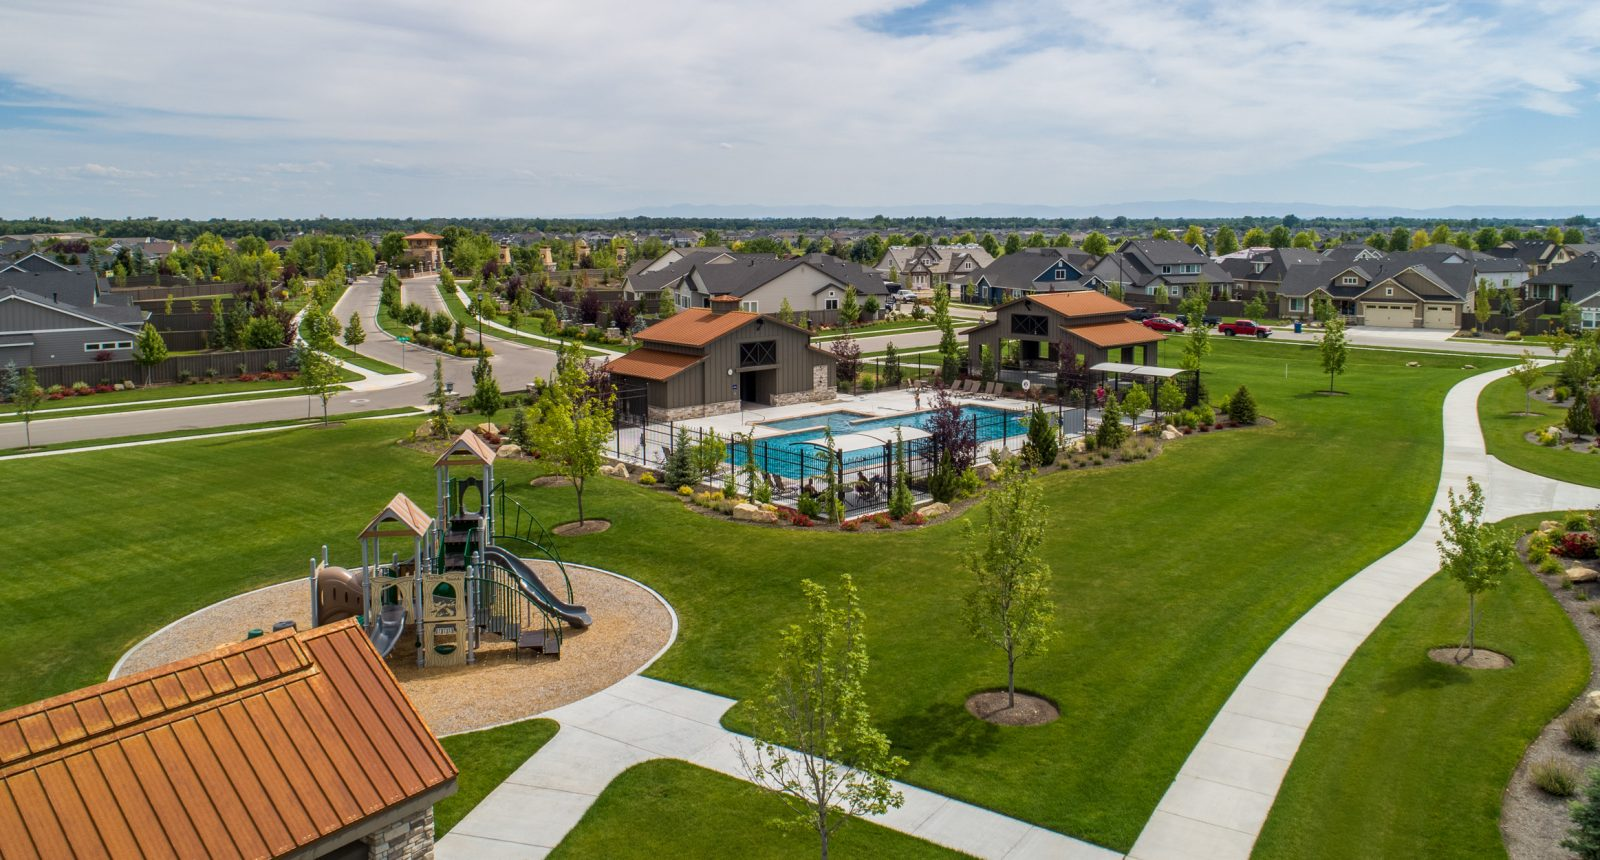 Homestead Pool and Pavilion Aerial